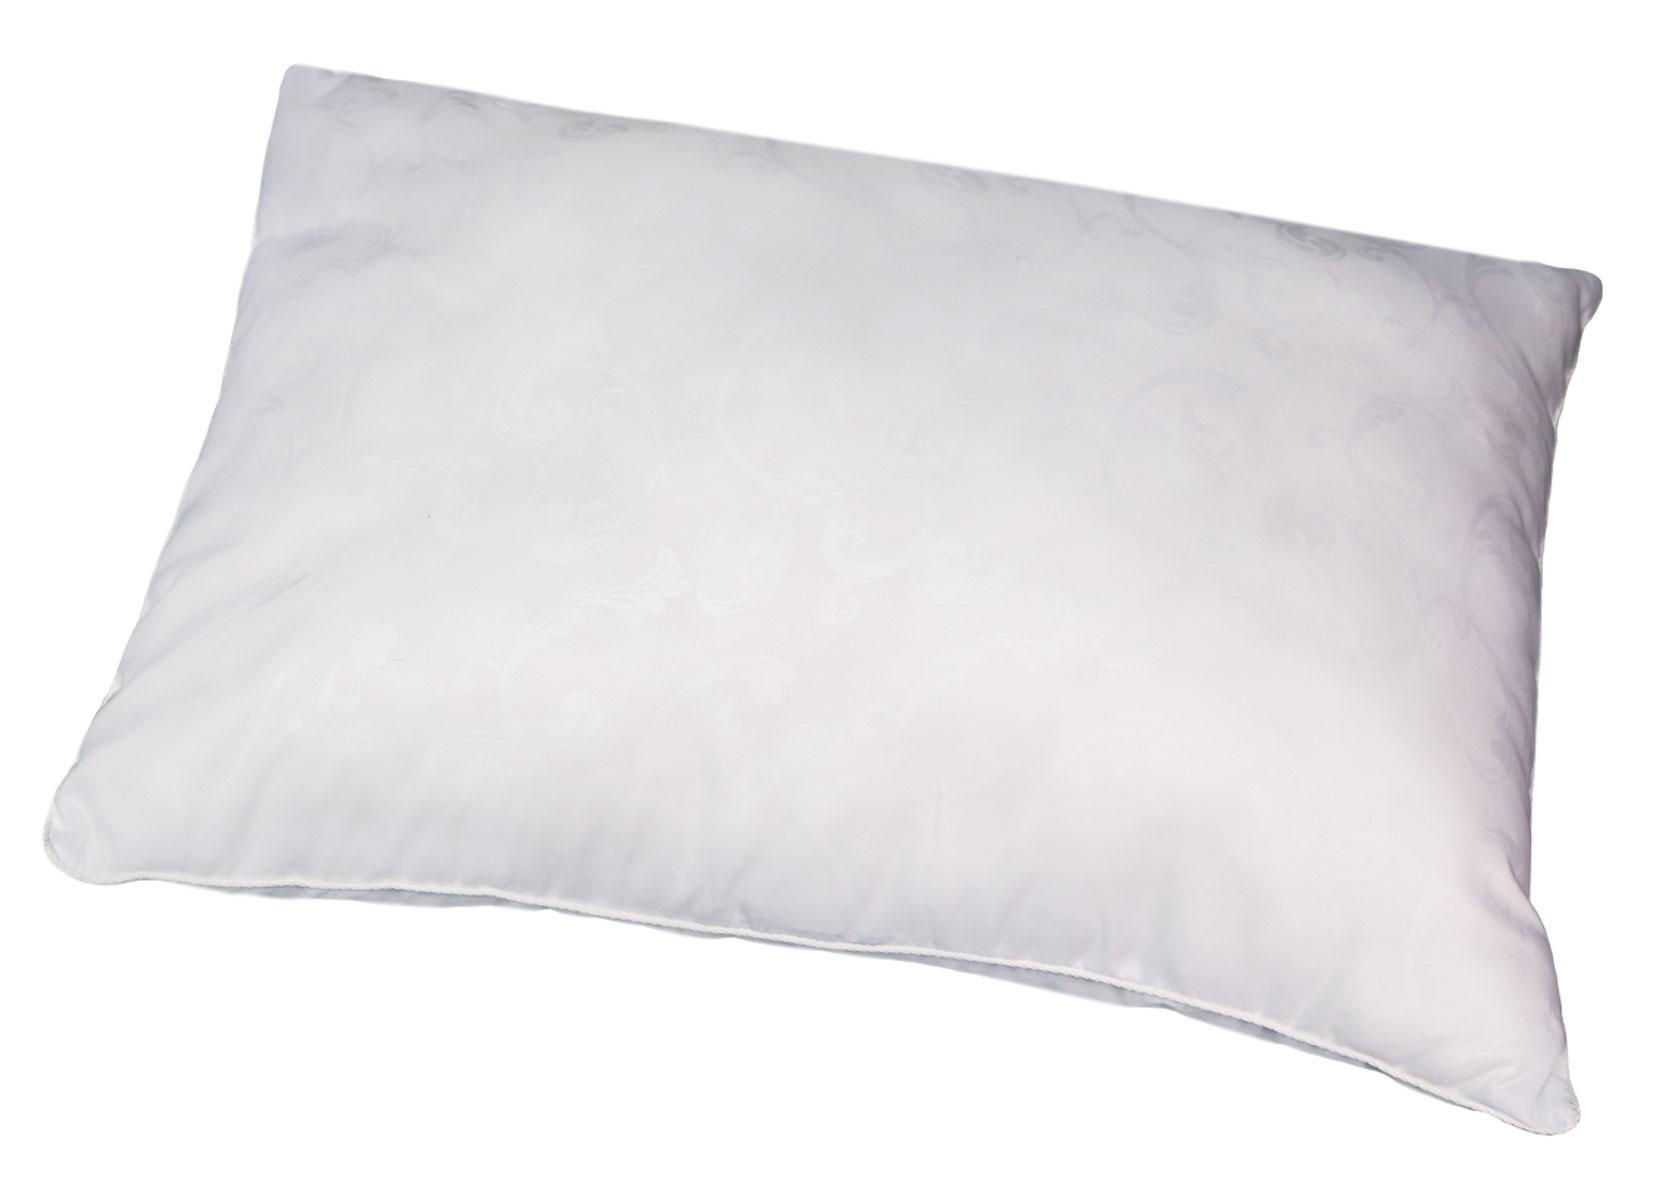 Подушка Bio-Textiles Сила природы, наполнитель: лузга гречихи, 40 х 60 см подушки bio textiles подушка здоровый сон с искусственным лебяжьим пухом и овечьим мехом размер 40х40